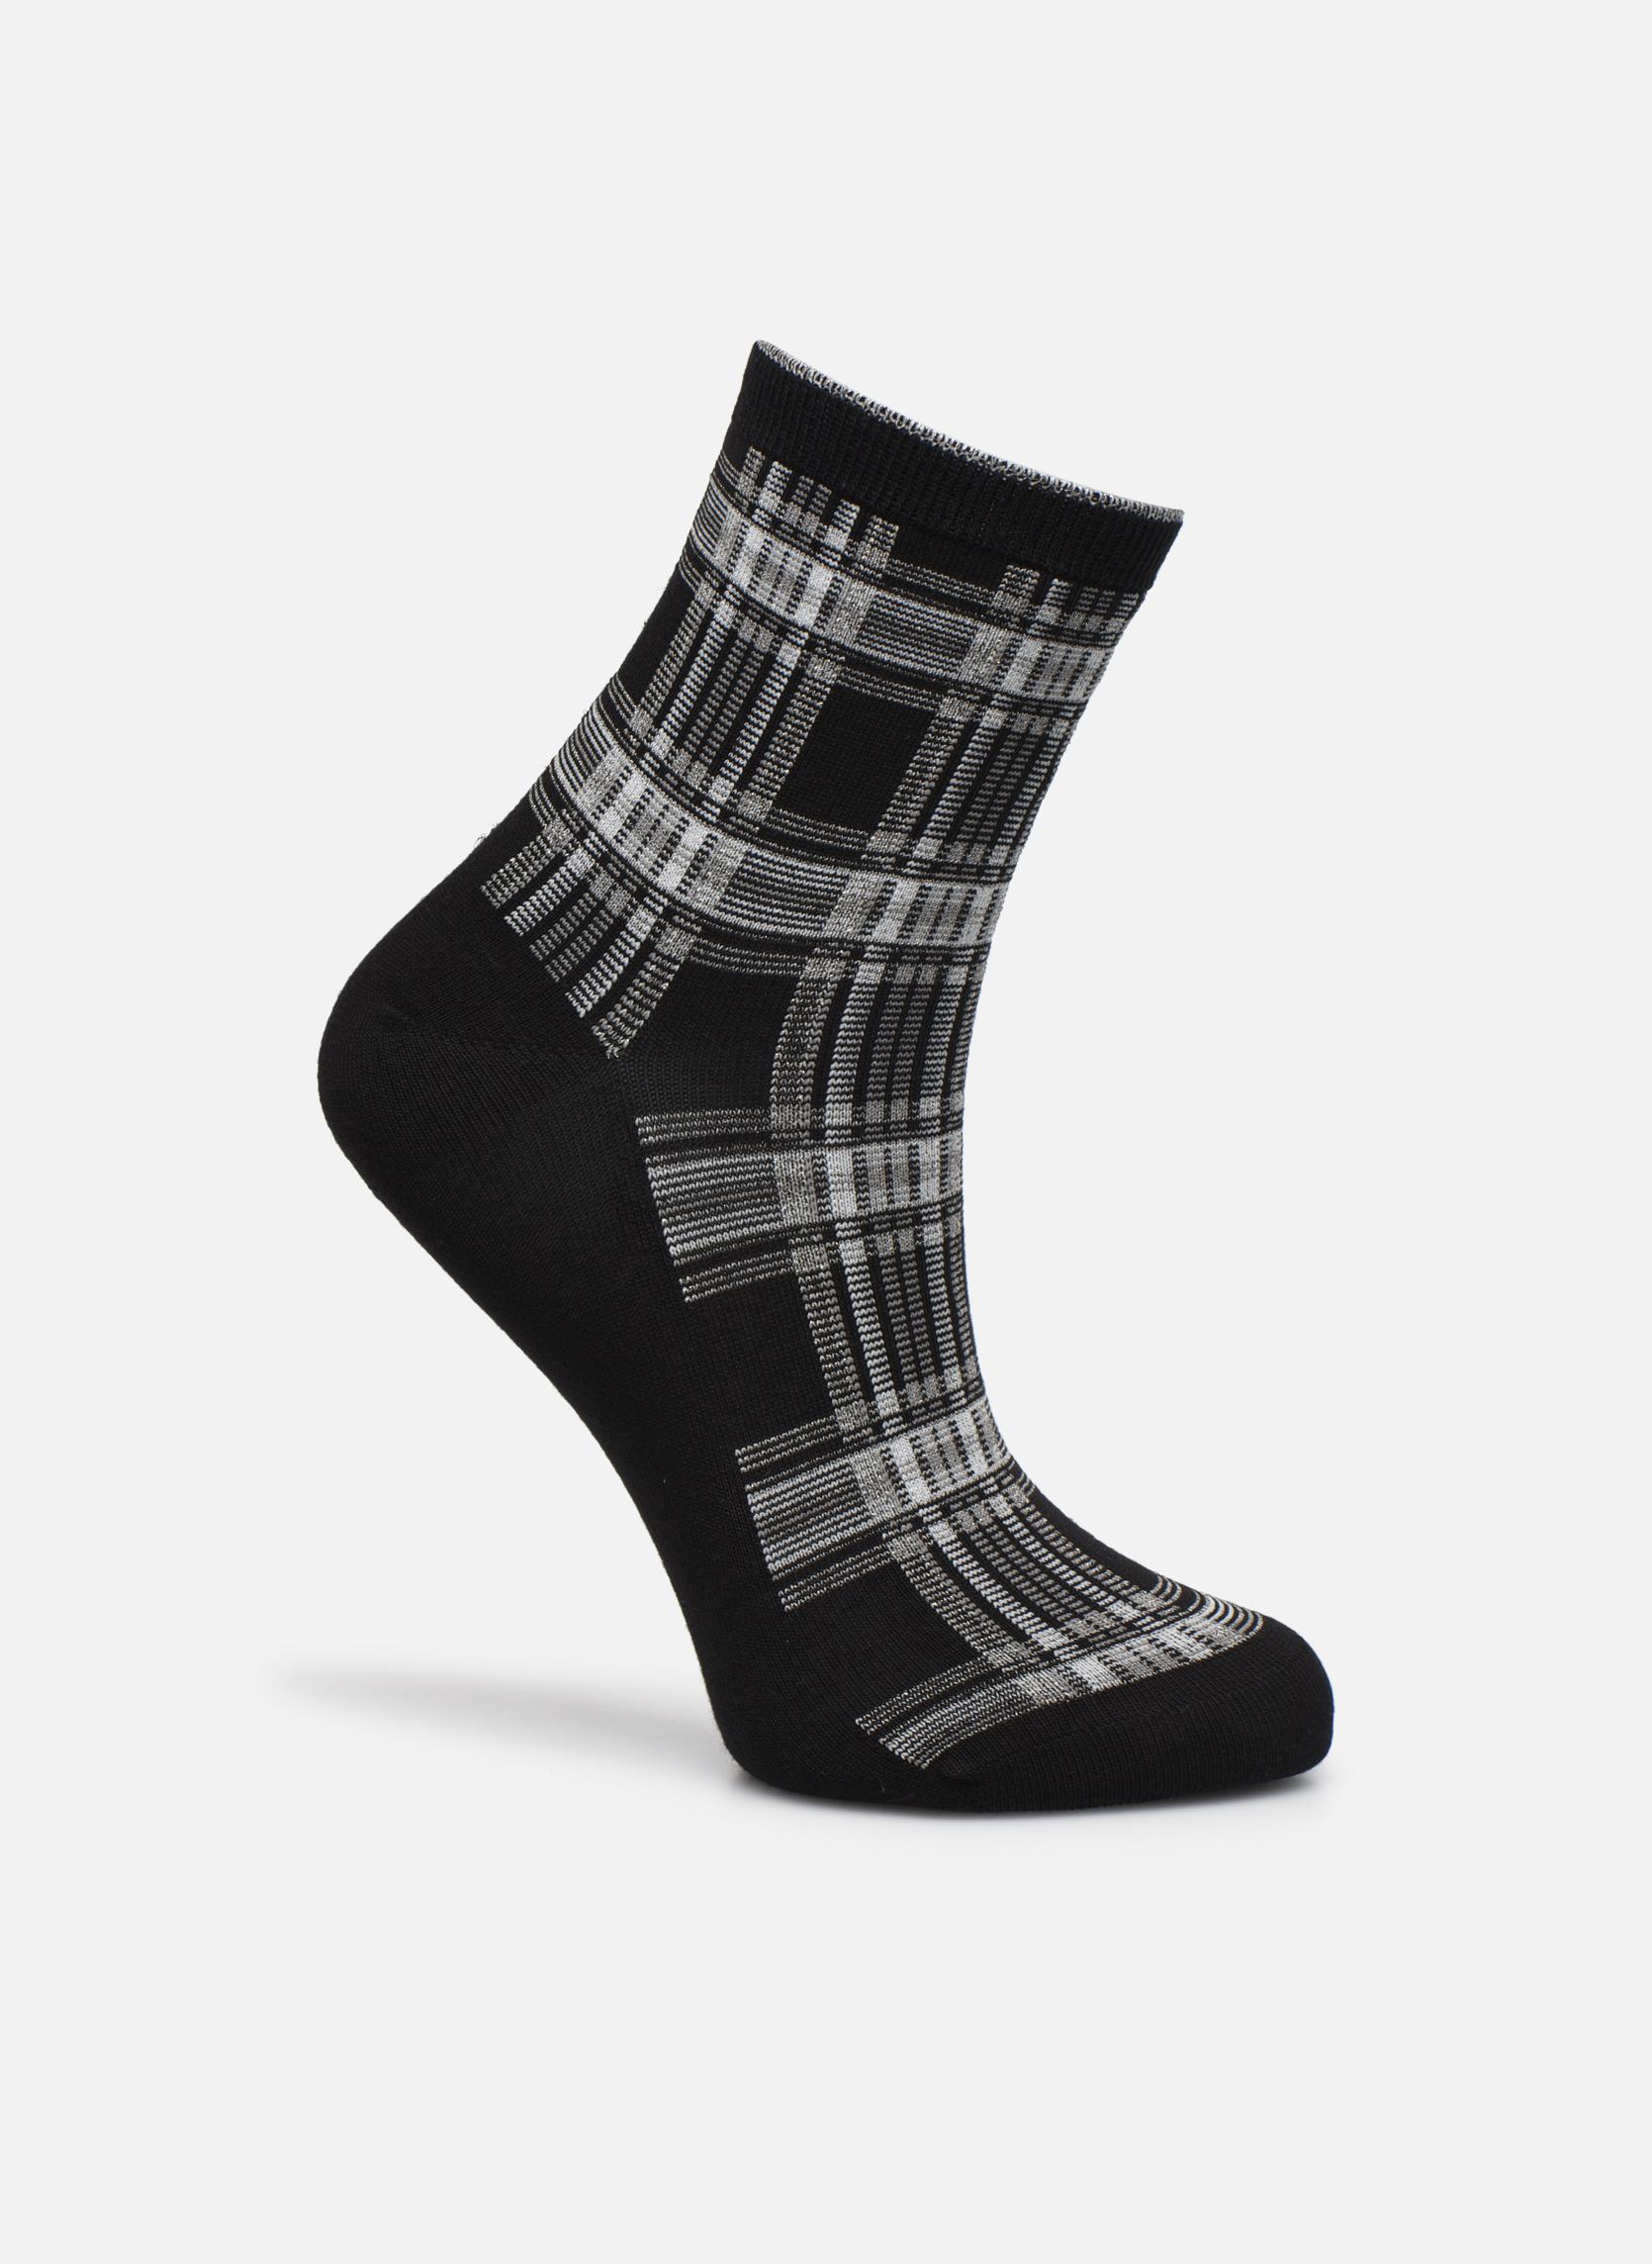 Chaussettes lurex femme coton Noir